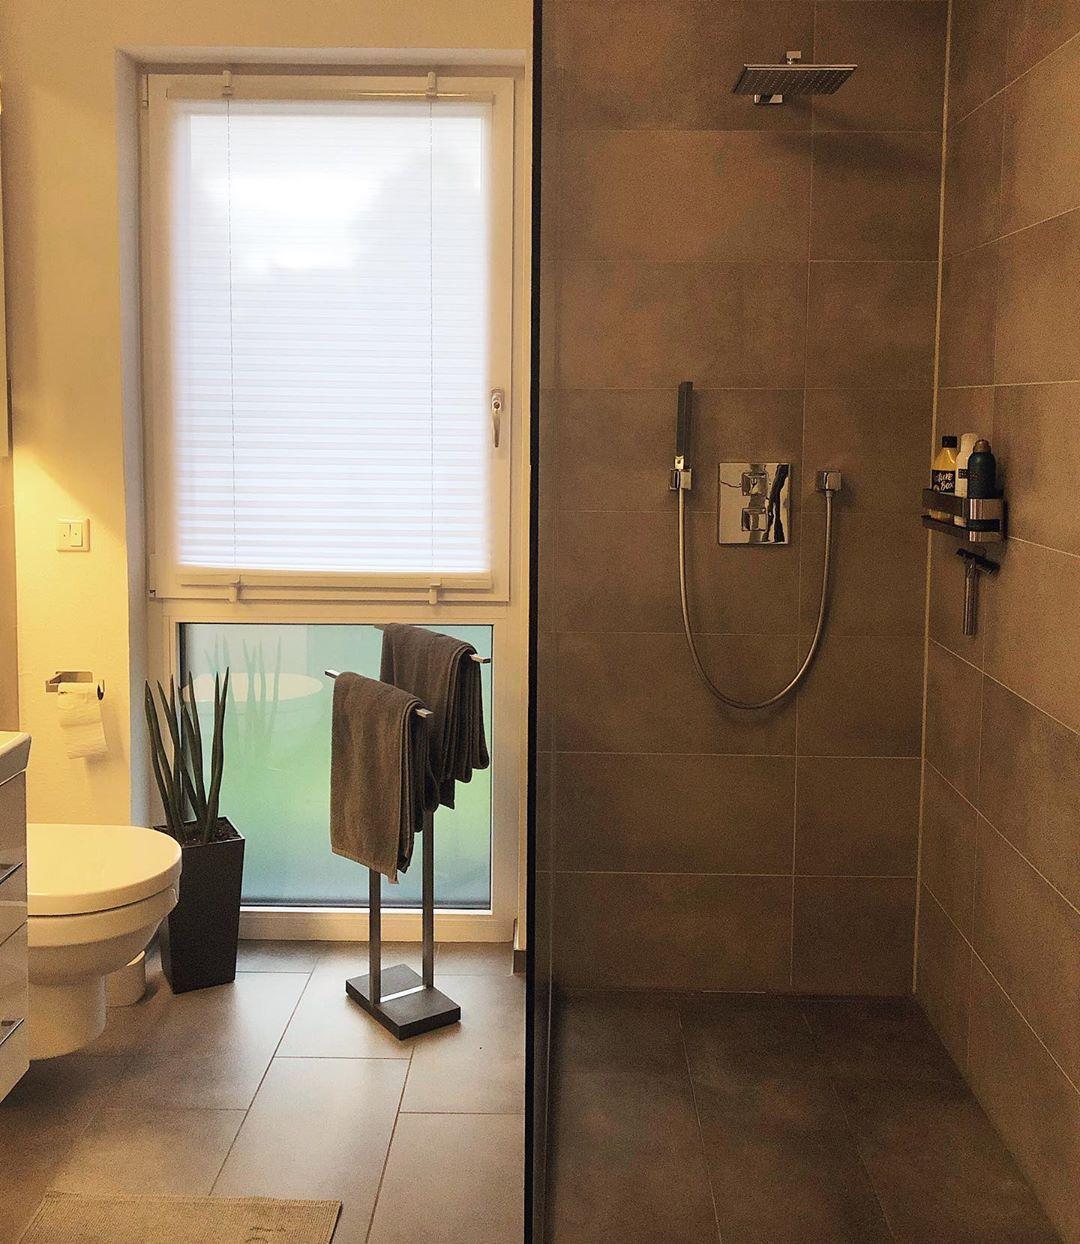 Seid Ihr Team Badewanne Oder Team Dusche Anzeige Badezimmer Badezimmerdesign Badezimmerideen Dekoideen Deko Badewanne Dusch Bathroom Bathtub